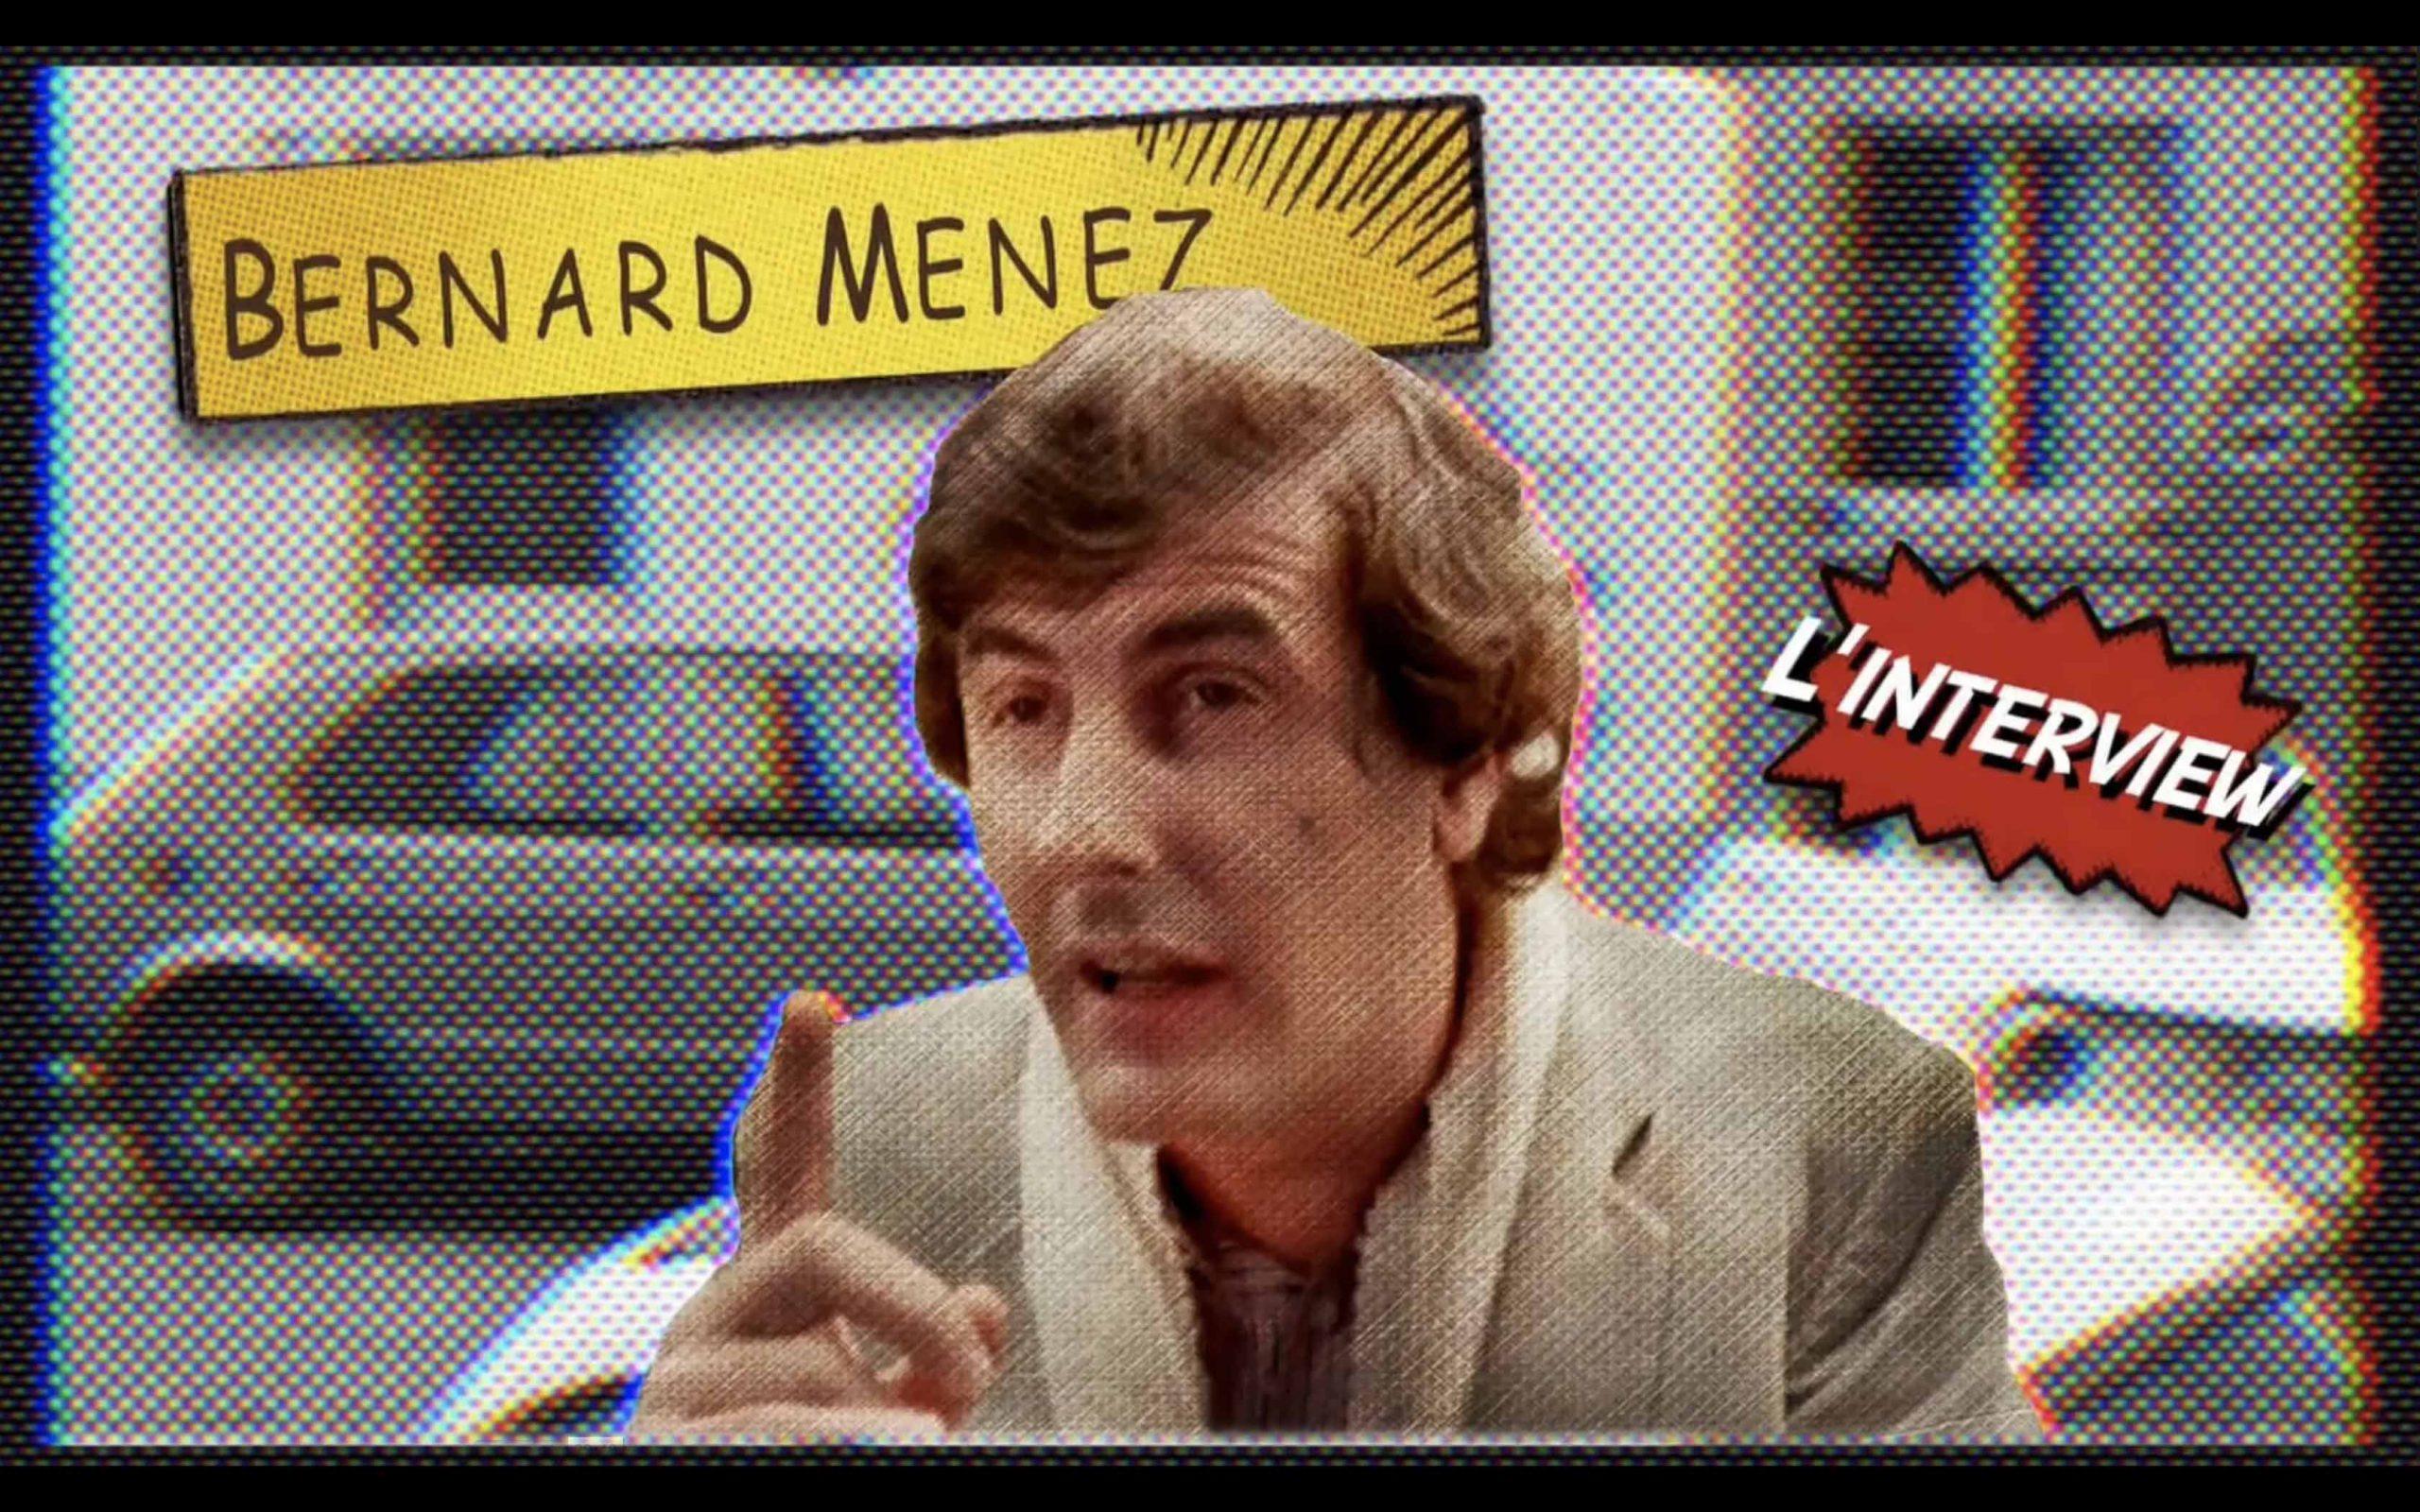 Bernard Menez - Interview